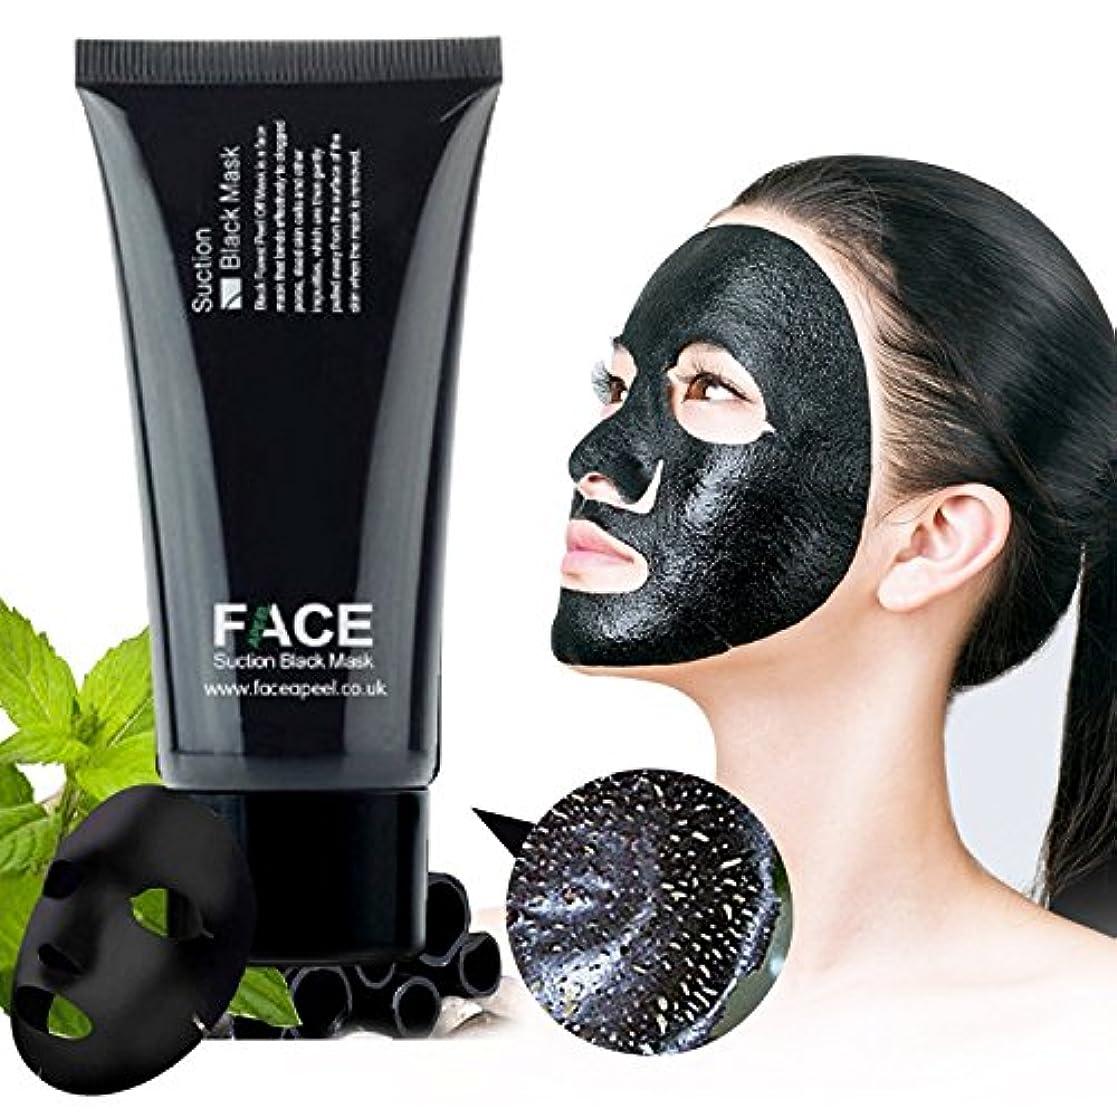 陽気な床を掃除する釈義FaceApeel Blackheadリムーバーマスク[Blackheadsを取り除く] - プレミアム品質Black Pore Removalは、Face For Faceマスクを剥がす